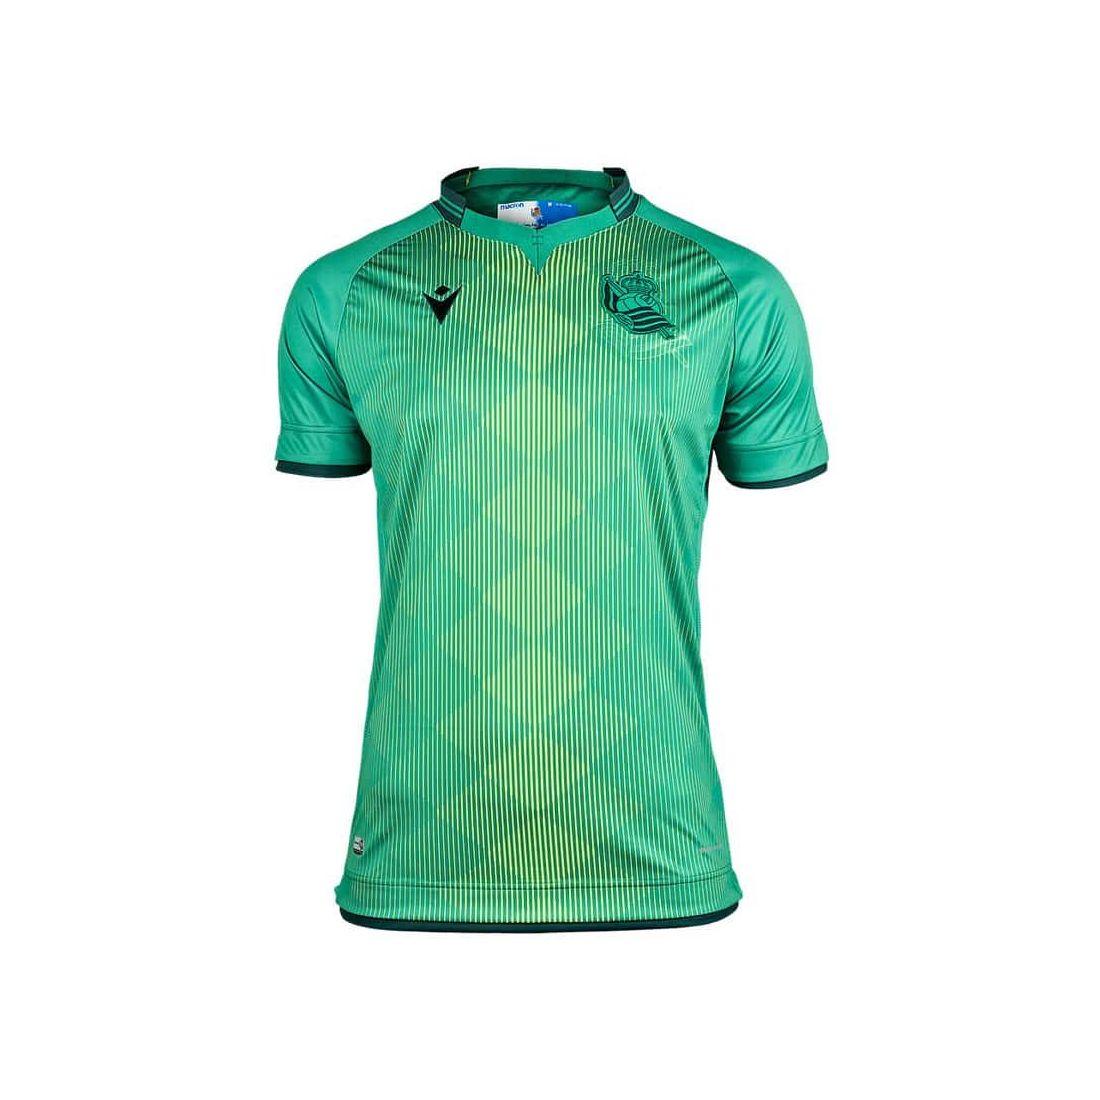 Macron Real Sociedad Segunda Jr 2019/2020 Macron Equipaciones Oficiales Fútbol Fútbol Tallas: m, l, xl, xs; Color: verde